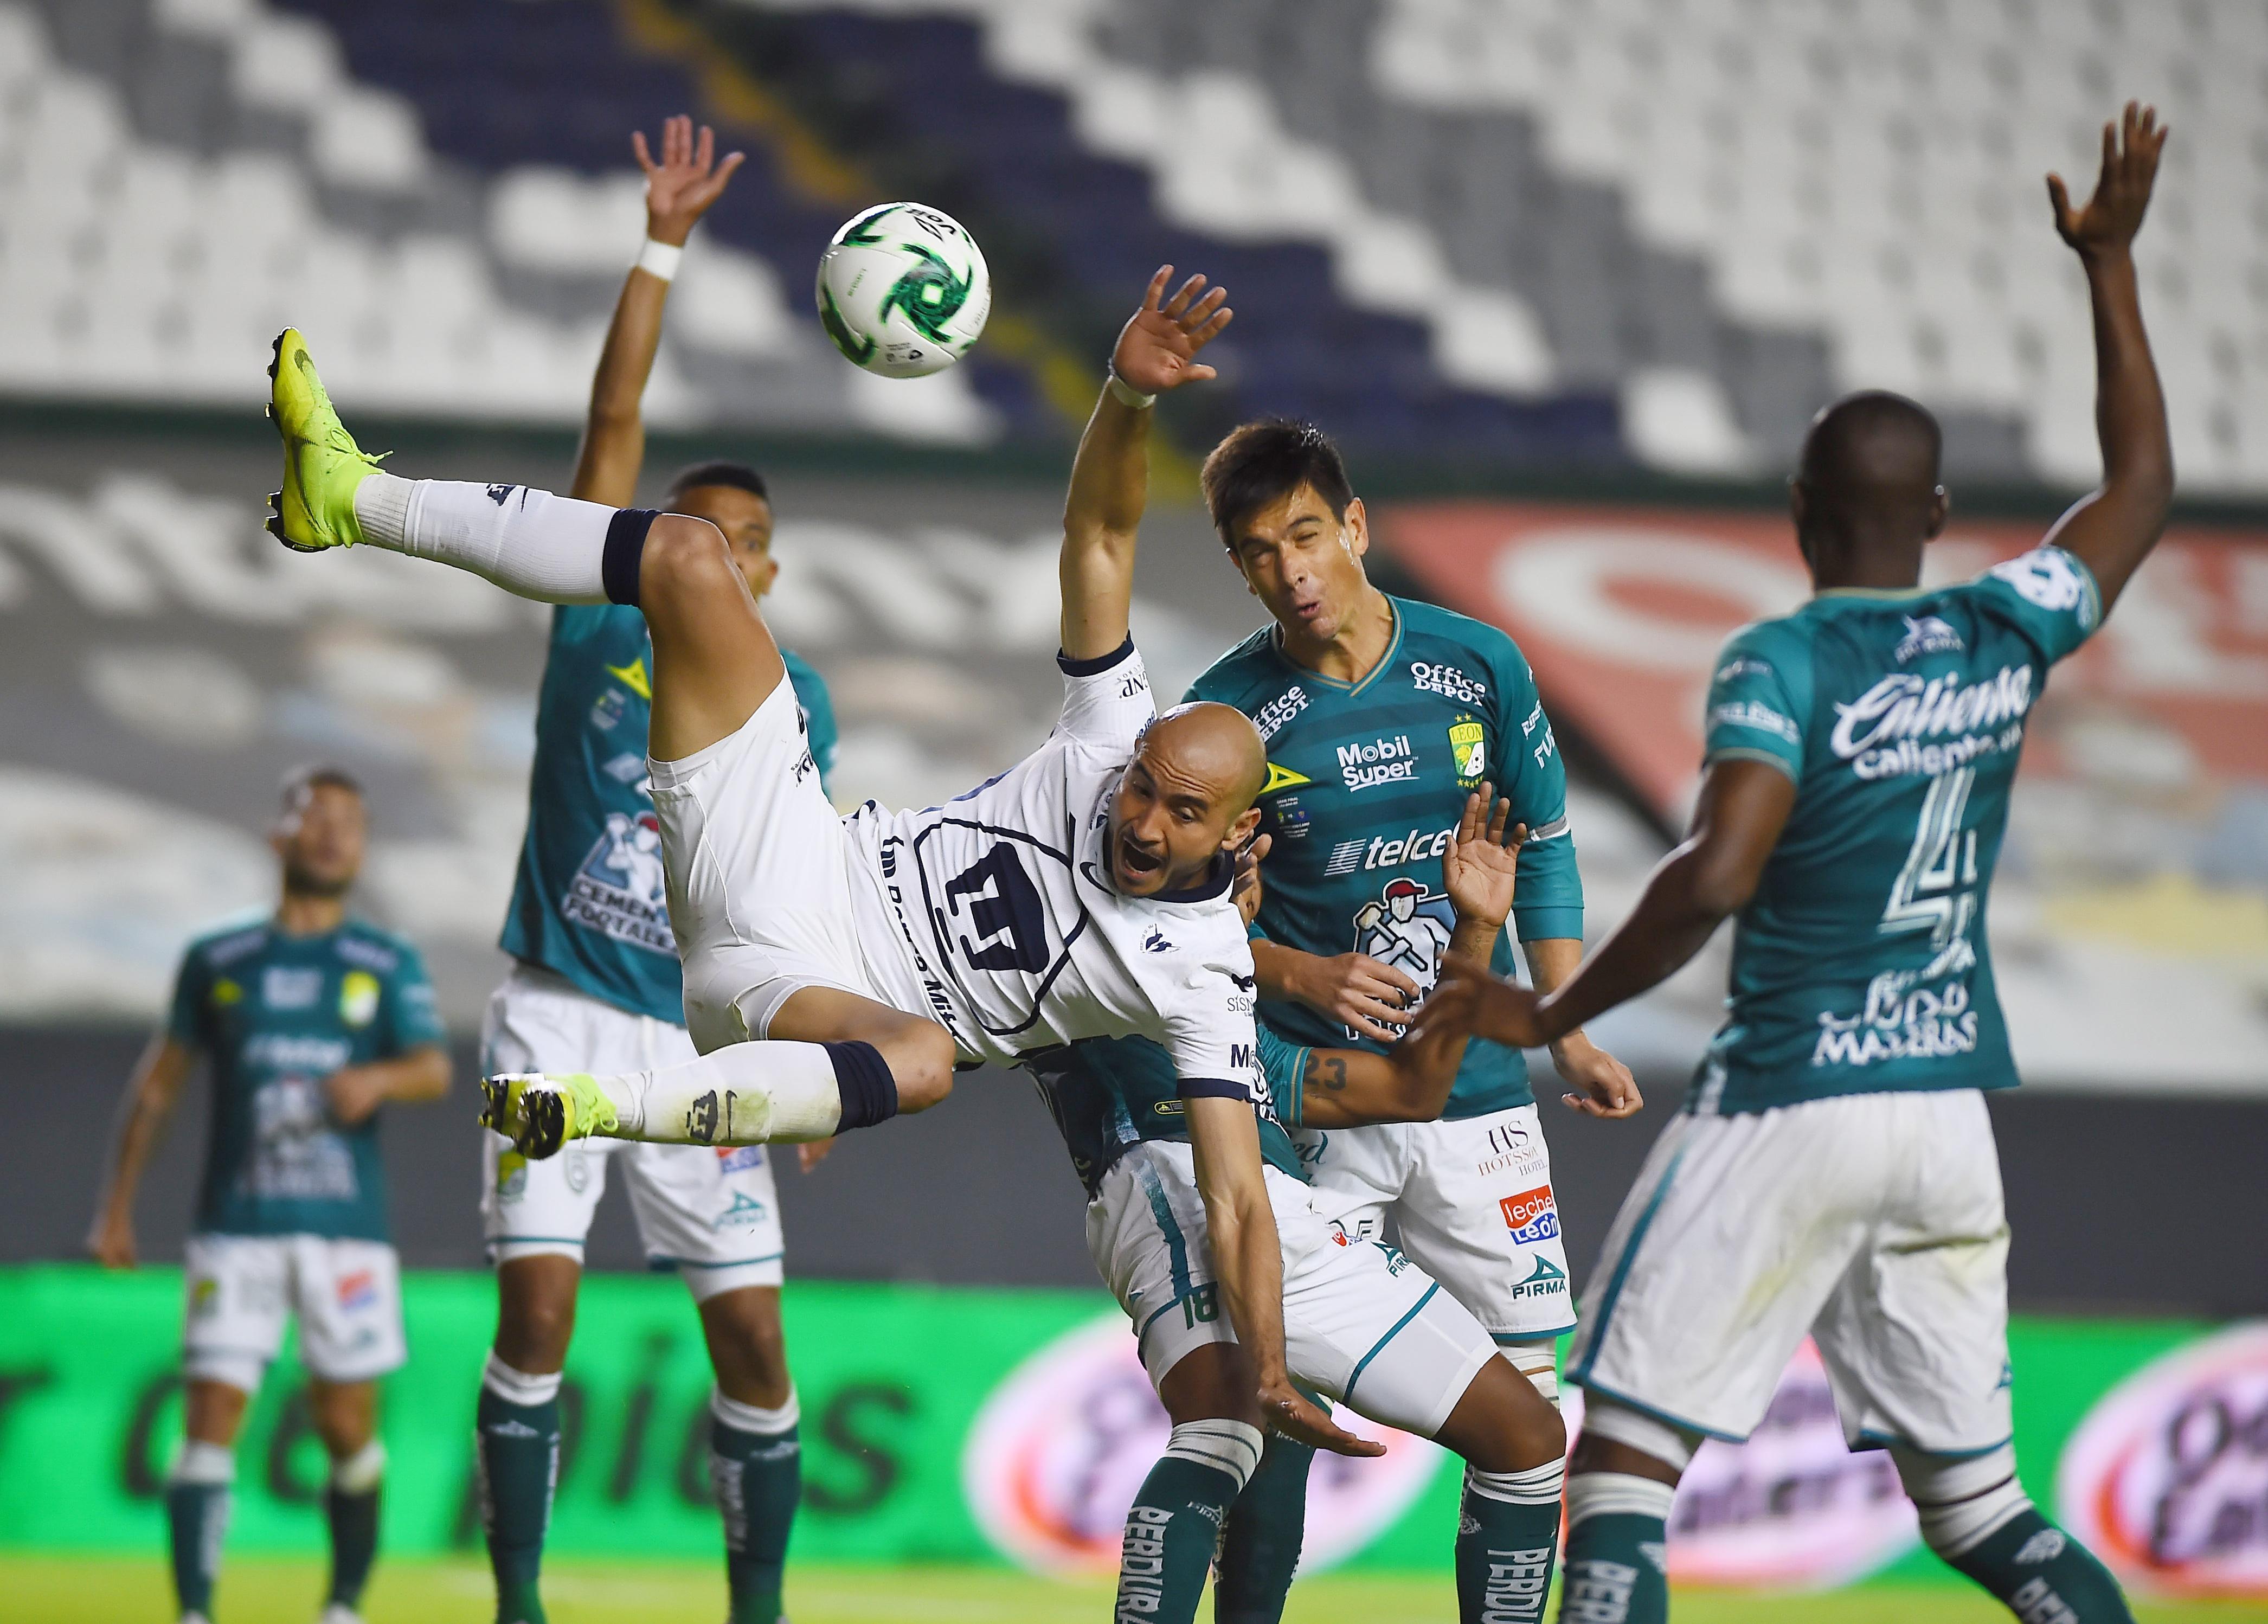 Carlos González en acción con Juan González de León. Estadio León, México. El 13 de diciembre de 2020.